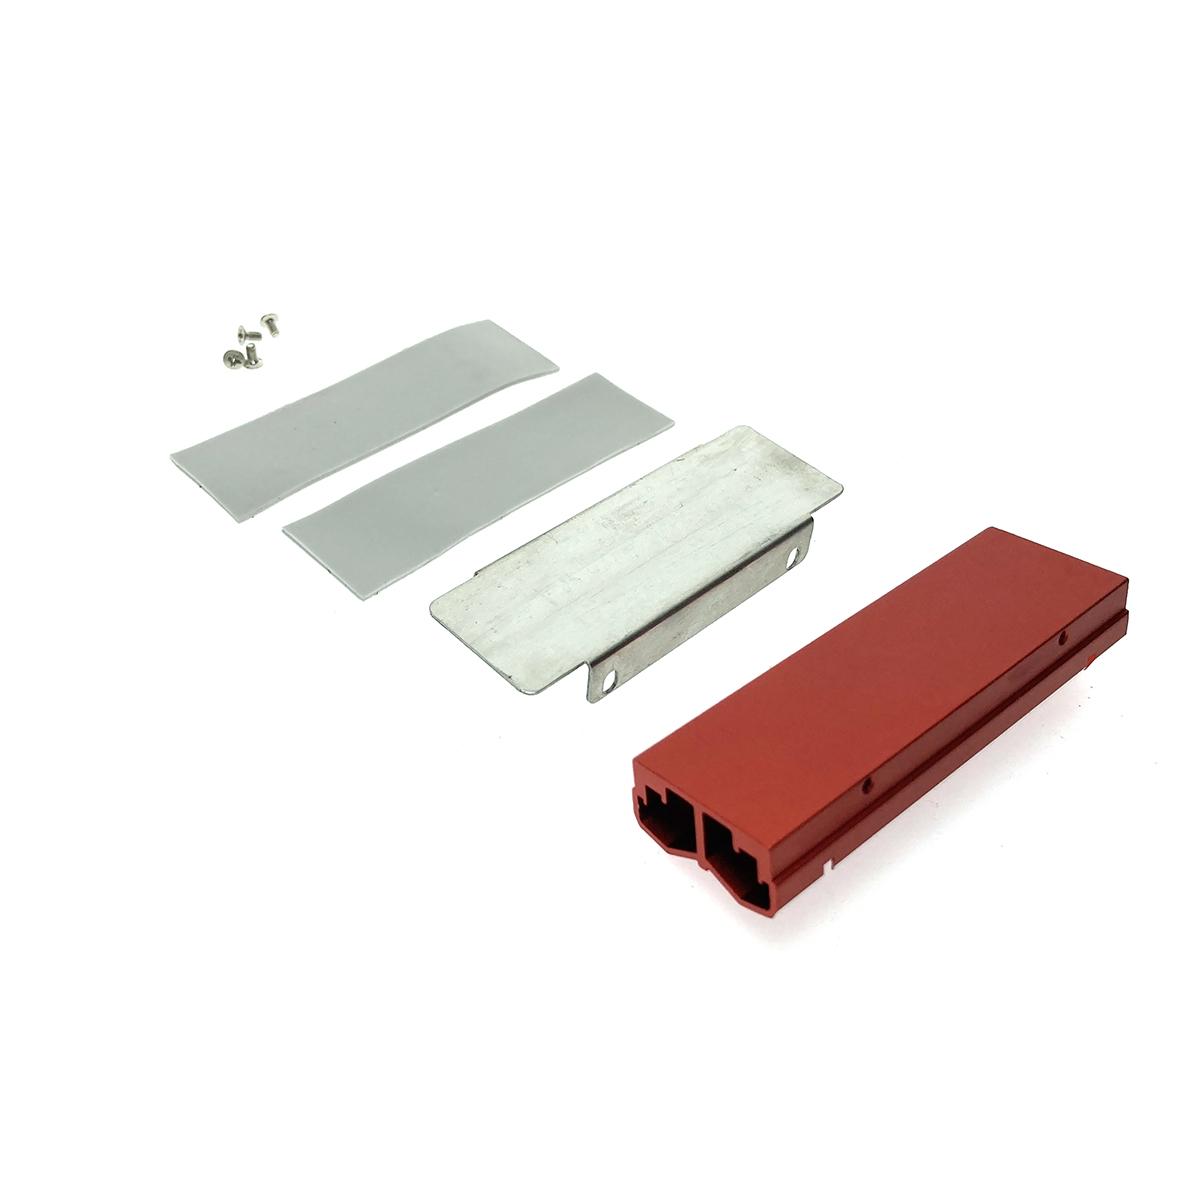 Радиатор для SSD М.2 2280 алюминиевый с пассивным охлаждением , Espada ESP-R6 красный